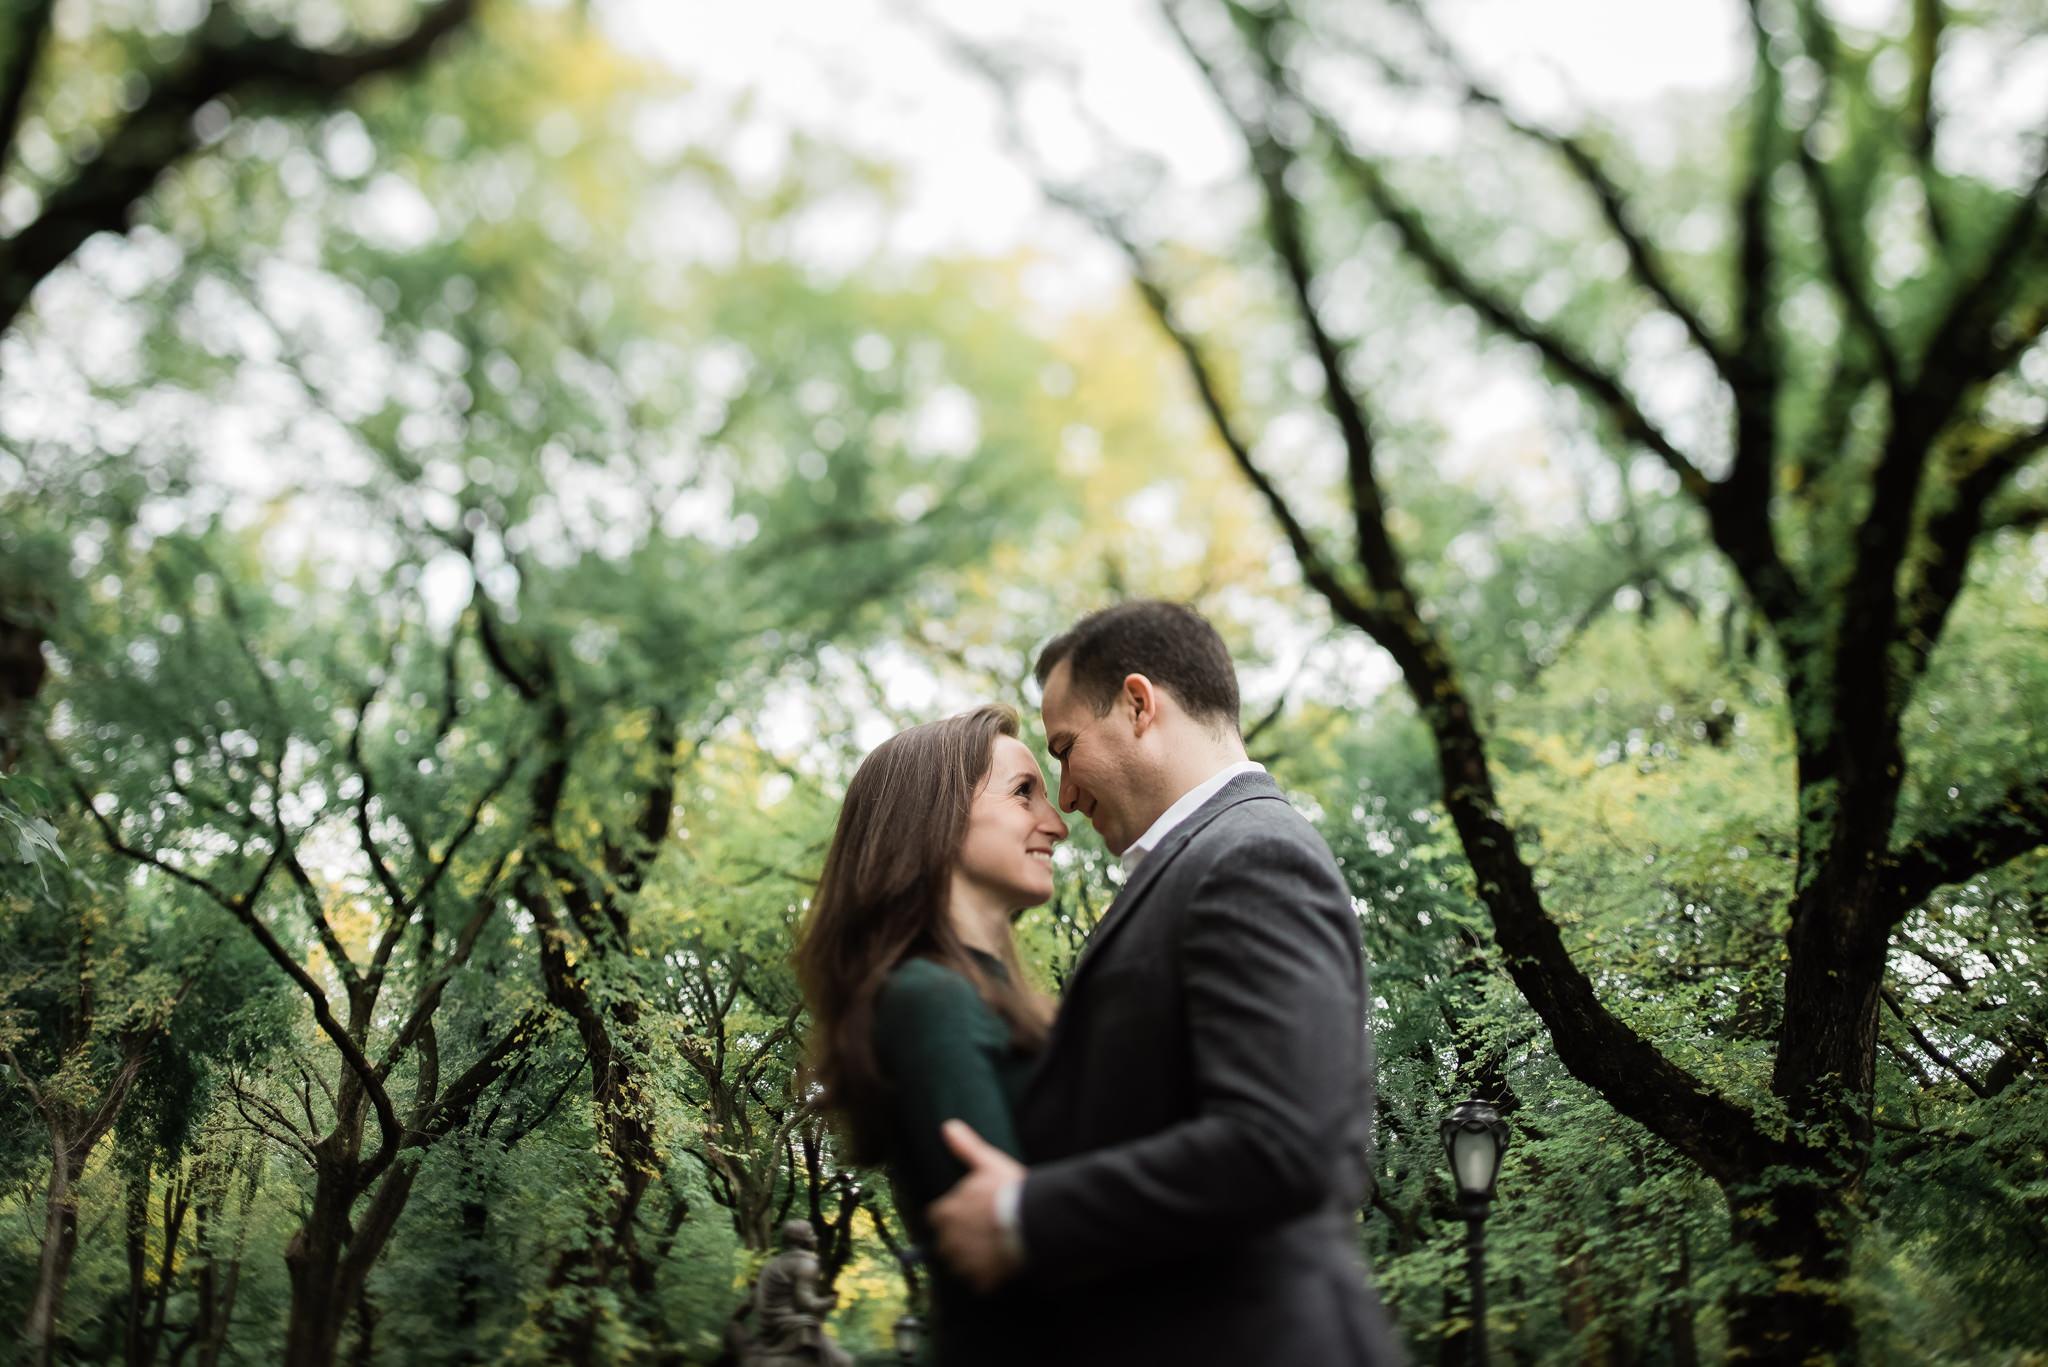 NEW_JERSEY_WEDDING_PHOTOGRAPHER_ARMZ_Z75_1474.jpg